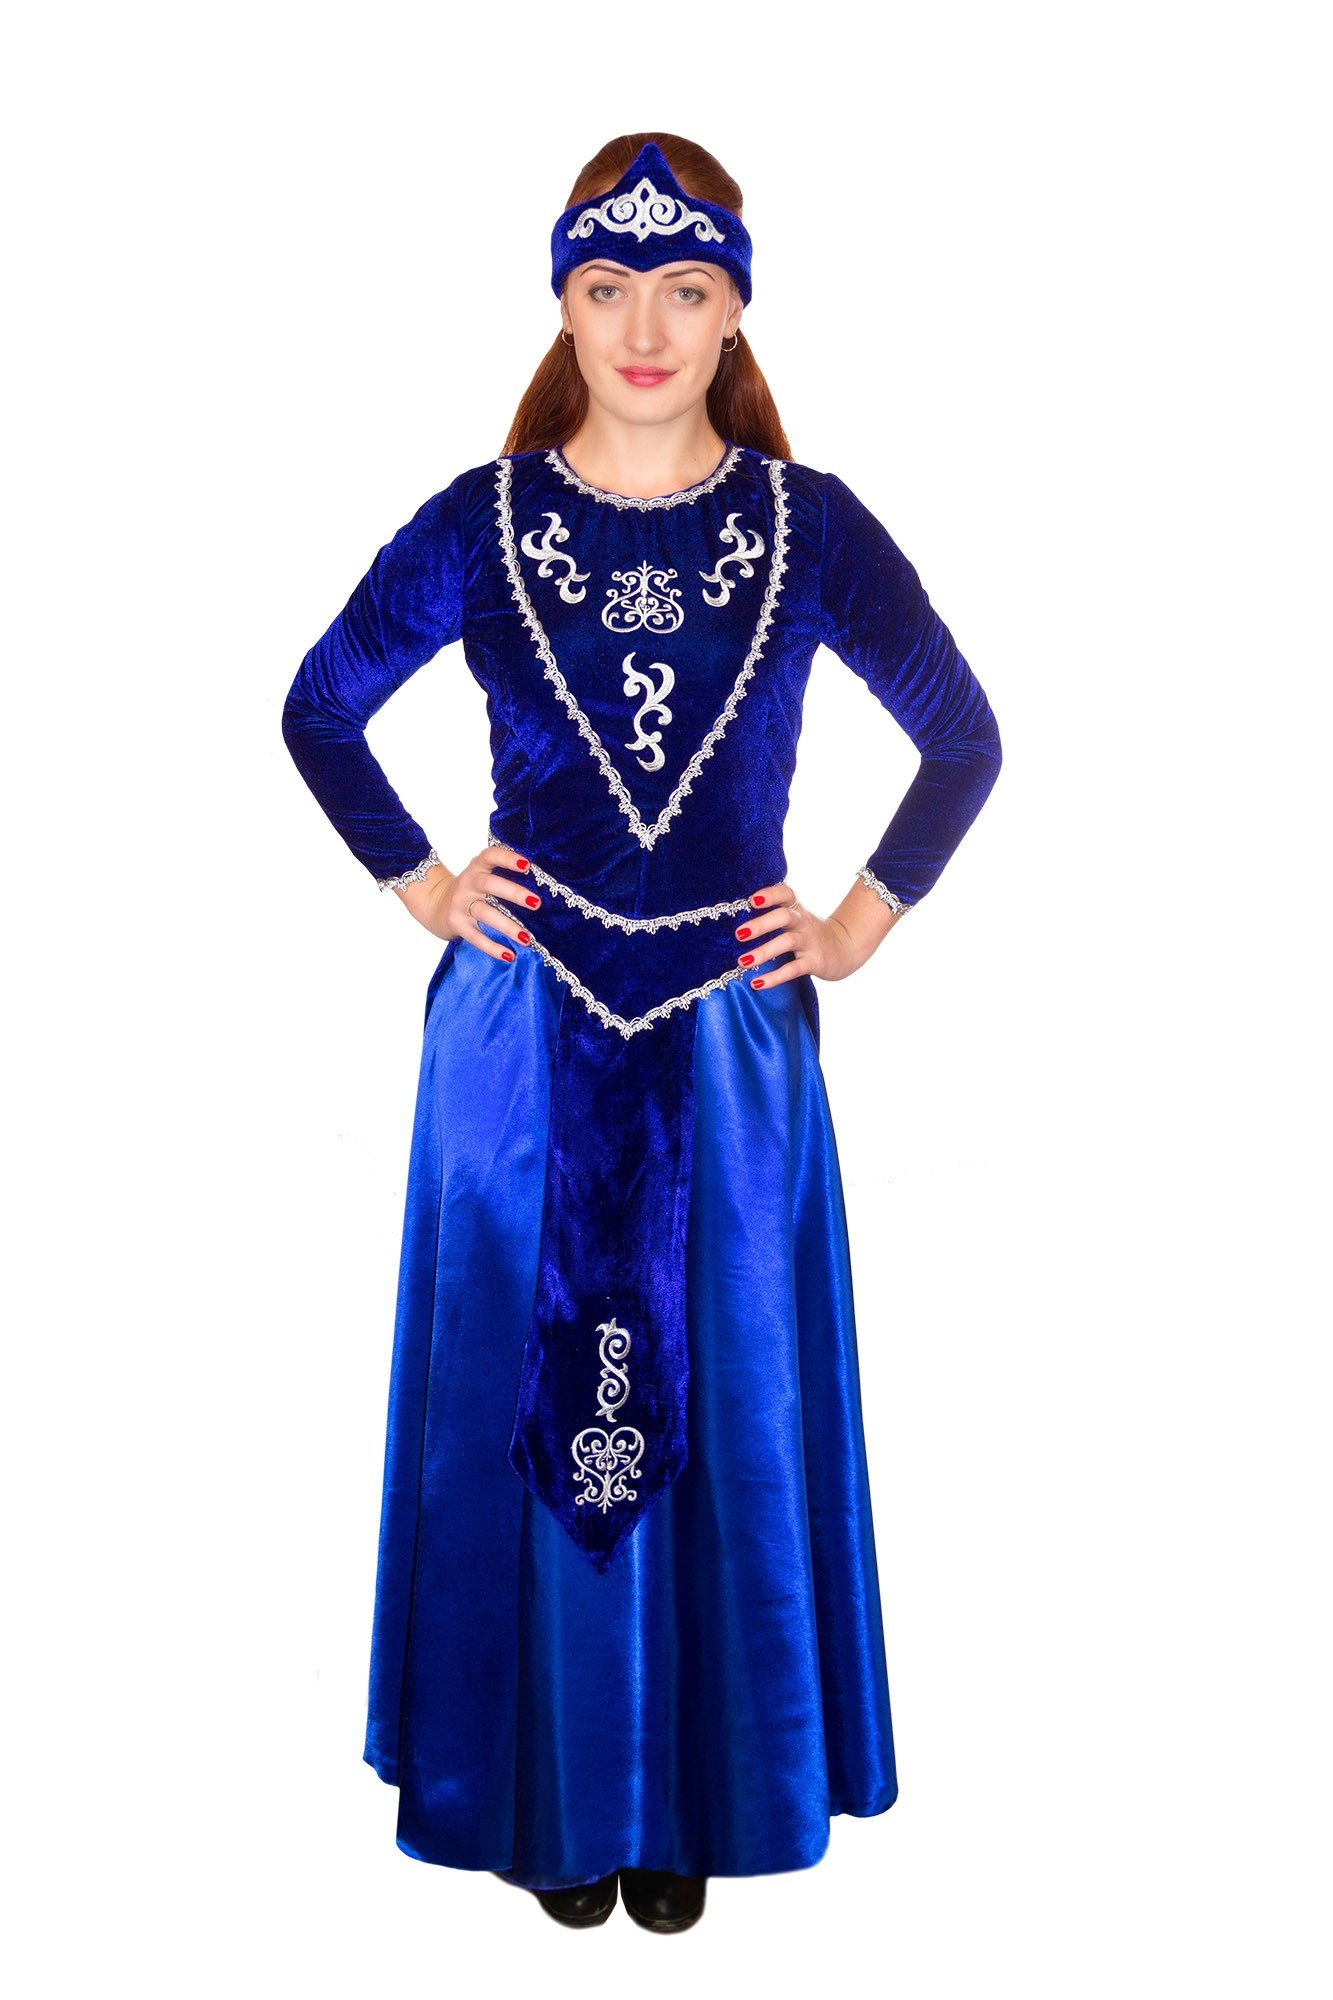 Кавказский национальный костюм (42) украинский национальный костюм для девочки киев